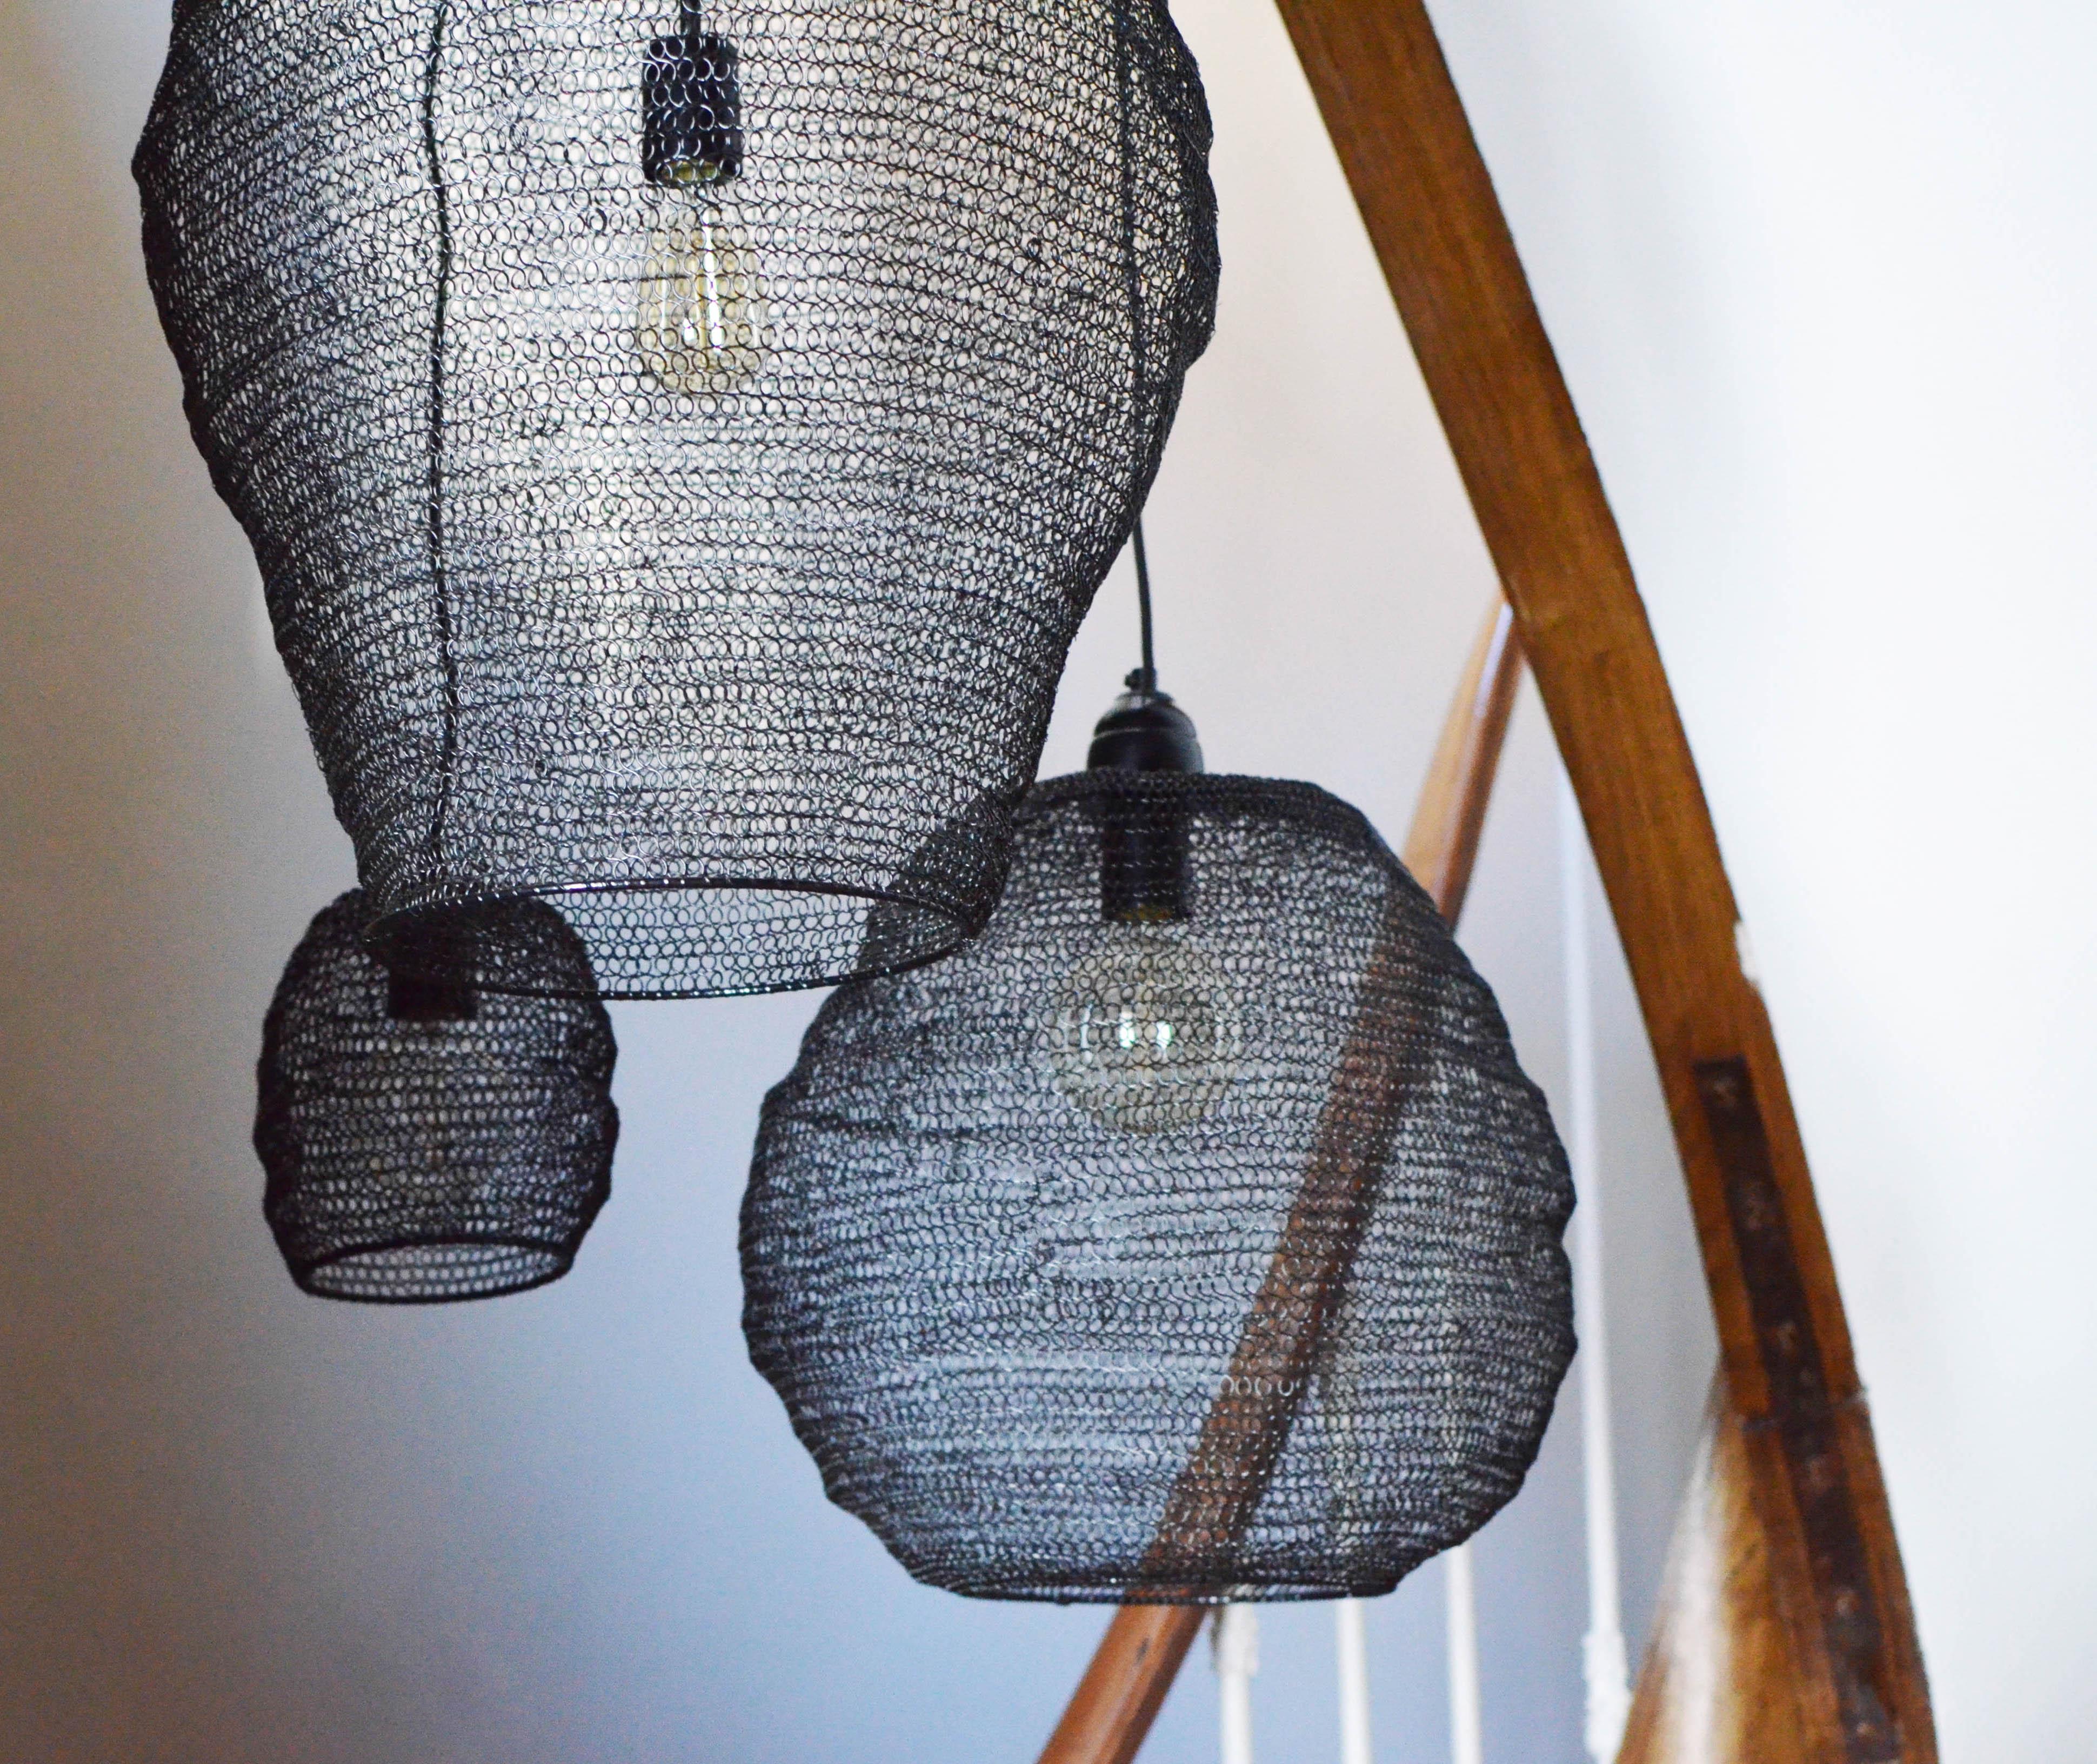 suspension luminaire metal 1 maison roussot. Black Bedroom Furniture Sets. Home Design Ideas